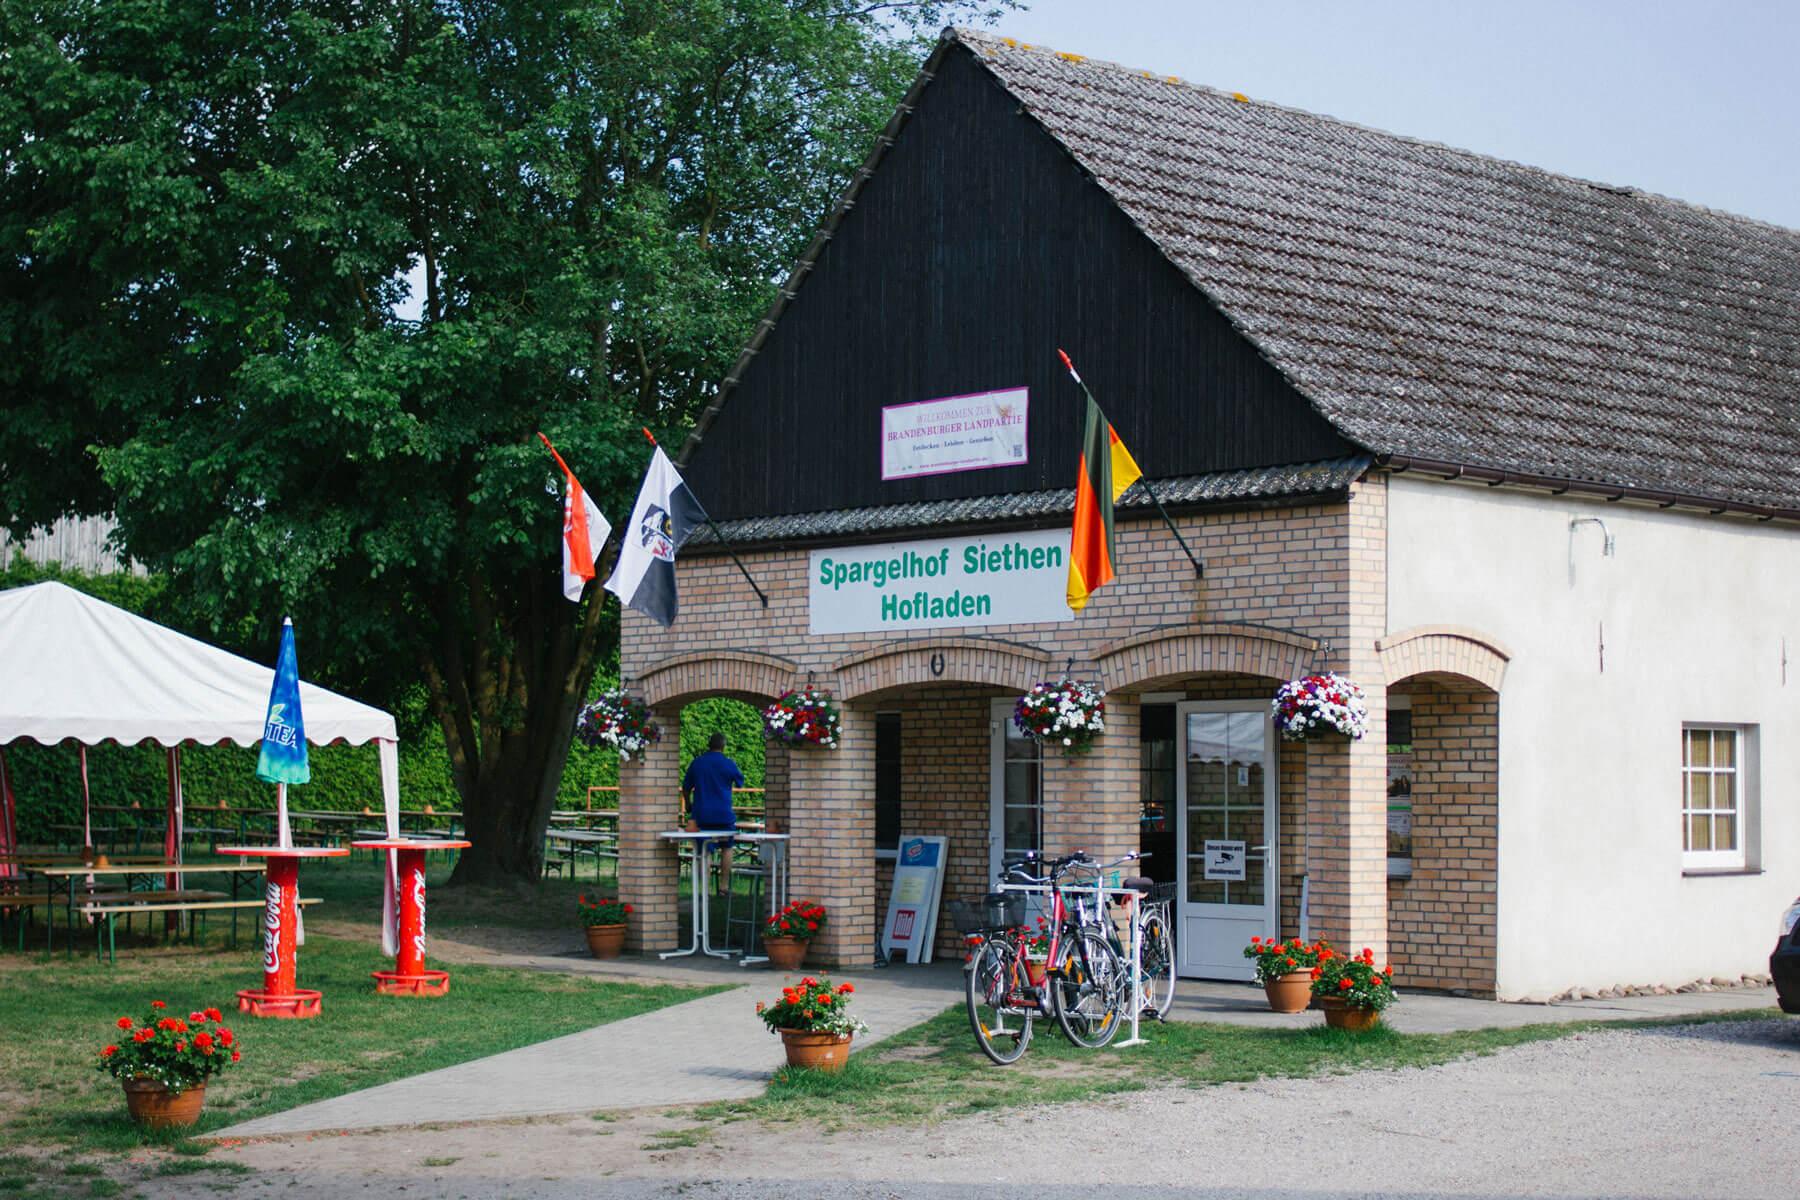 spargelhof-siethen